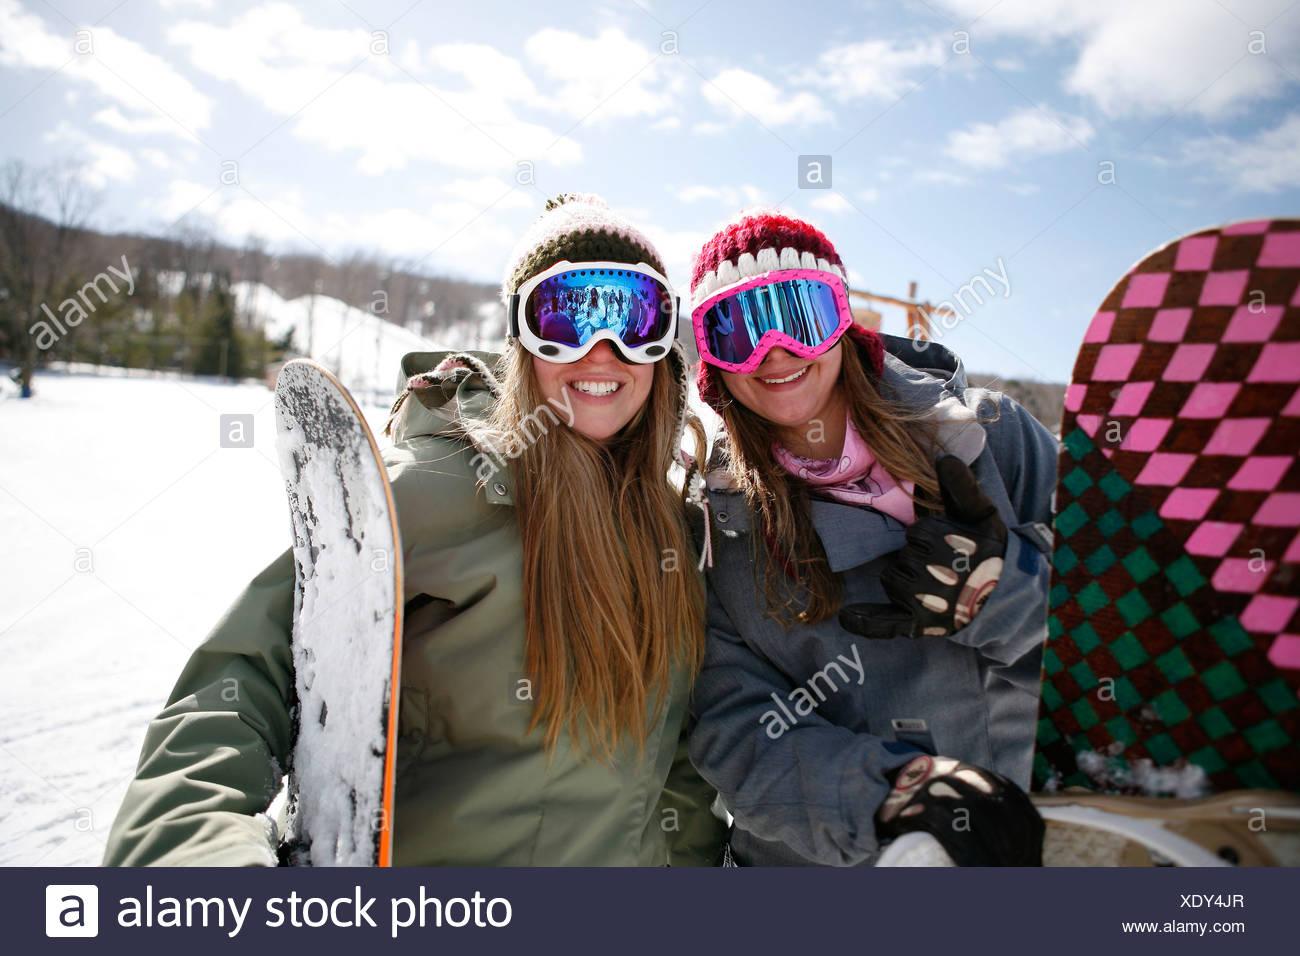 44cd223dca Deux femmes portant des lunettes de ski smiling Banque D'Images ...